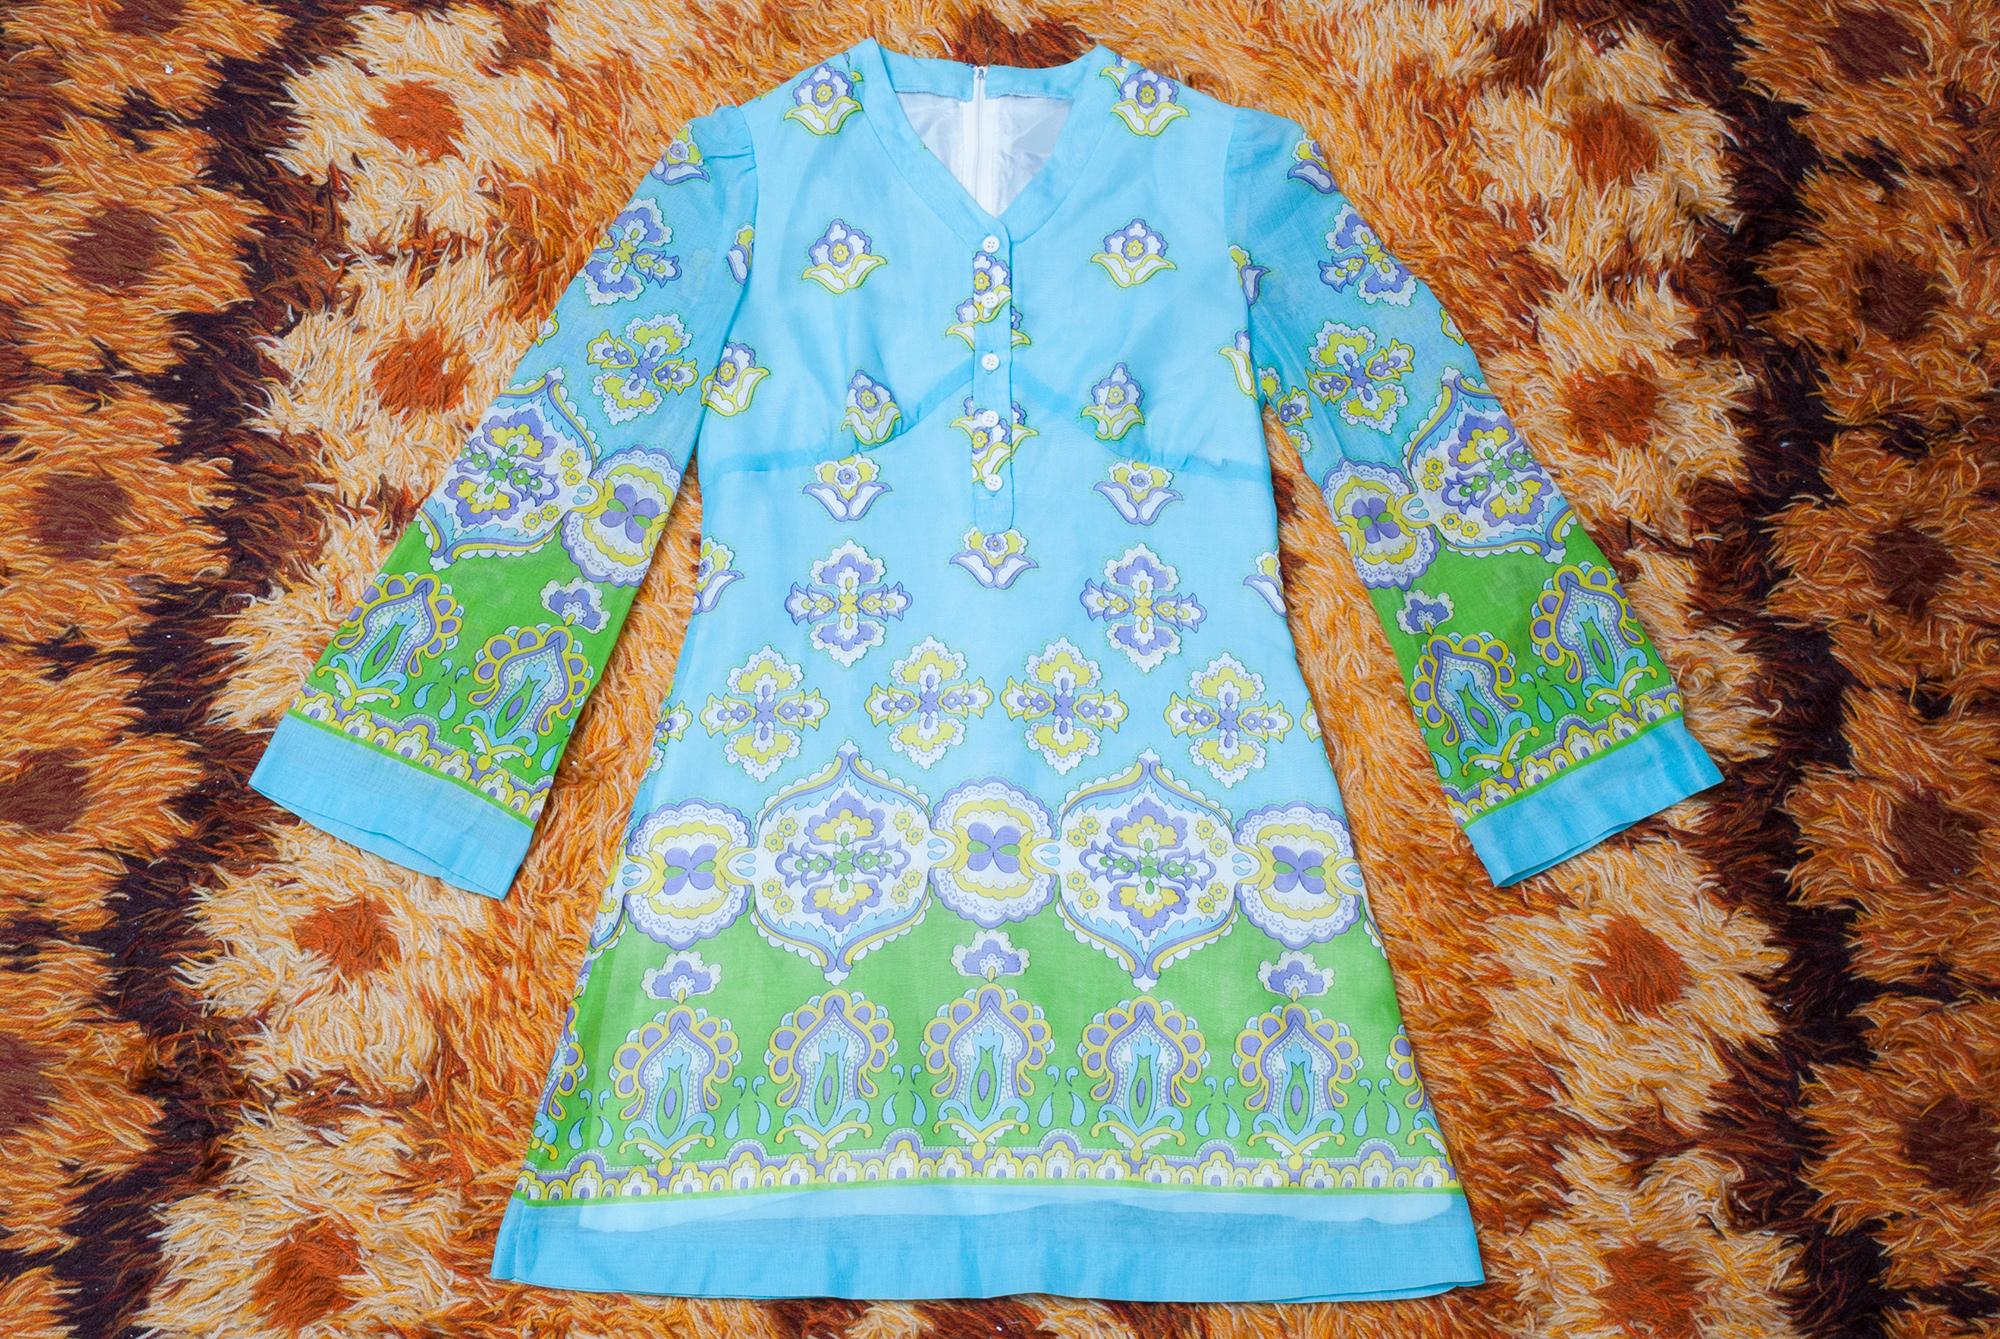 1970's Groovy Mini Dress